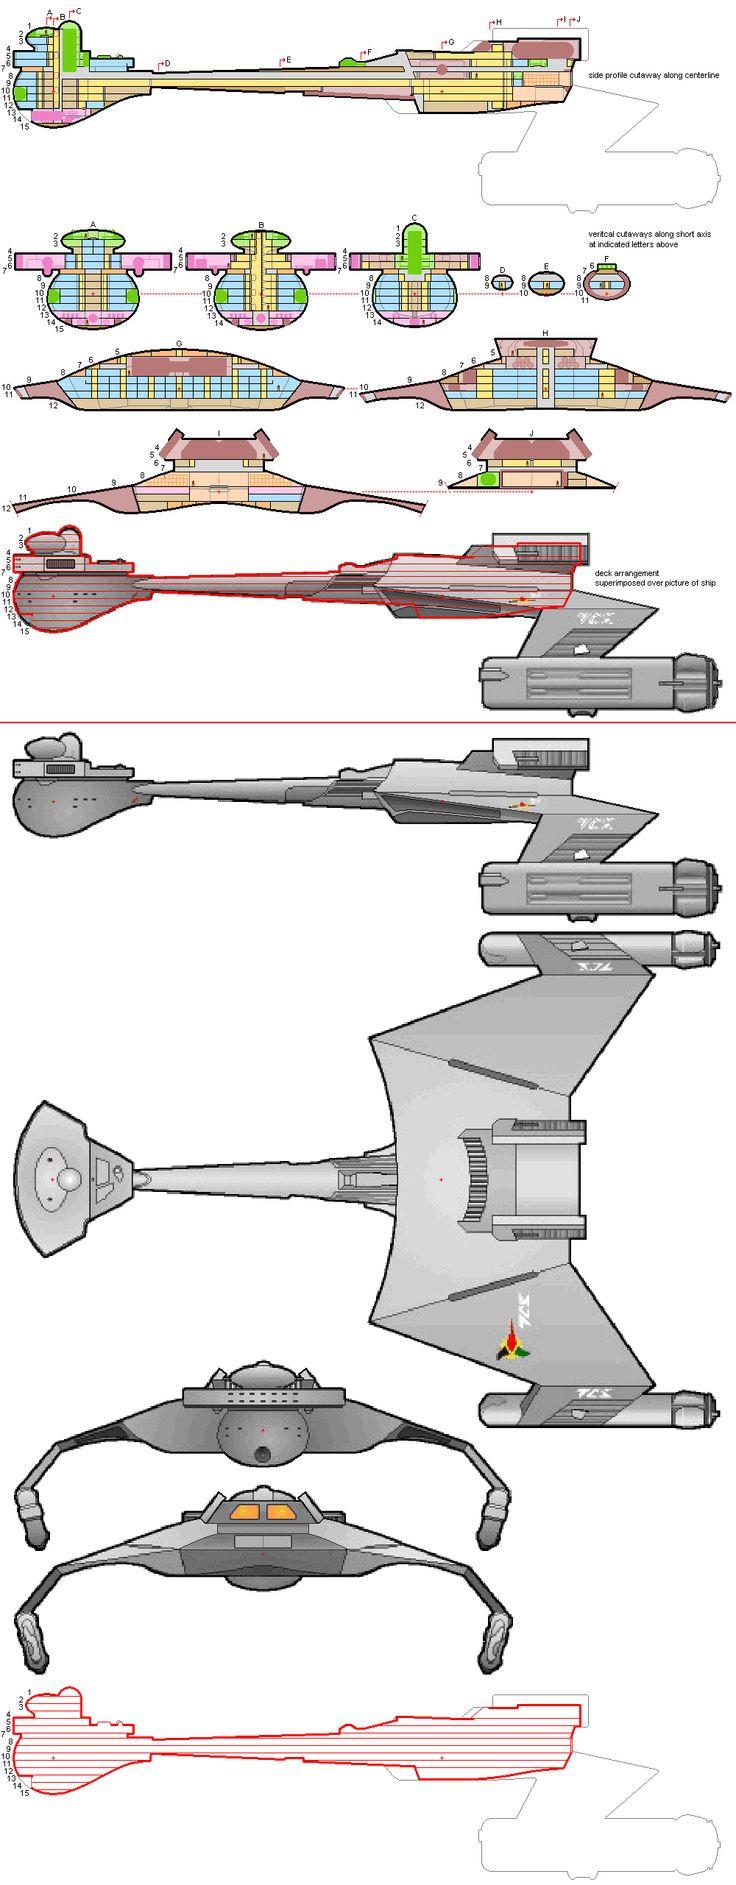 Klingon D-7 Cruiser Deck Plans - Part 2